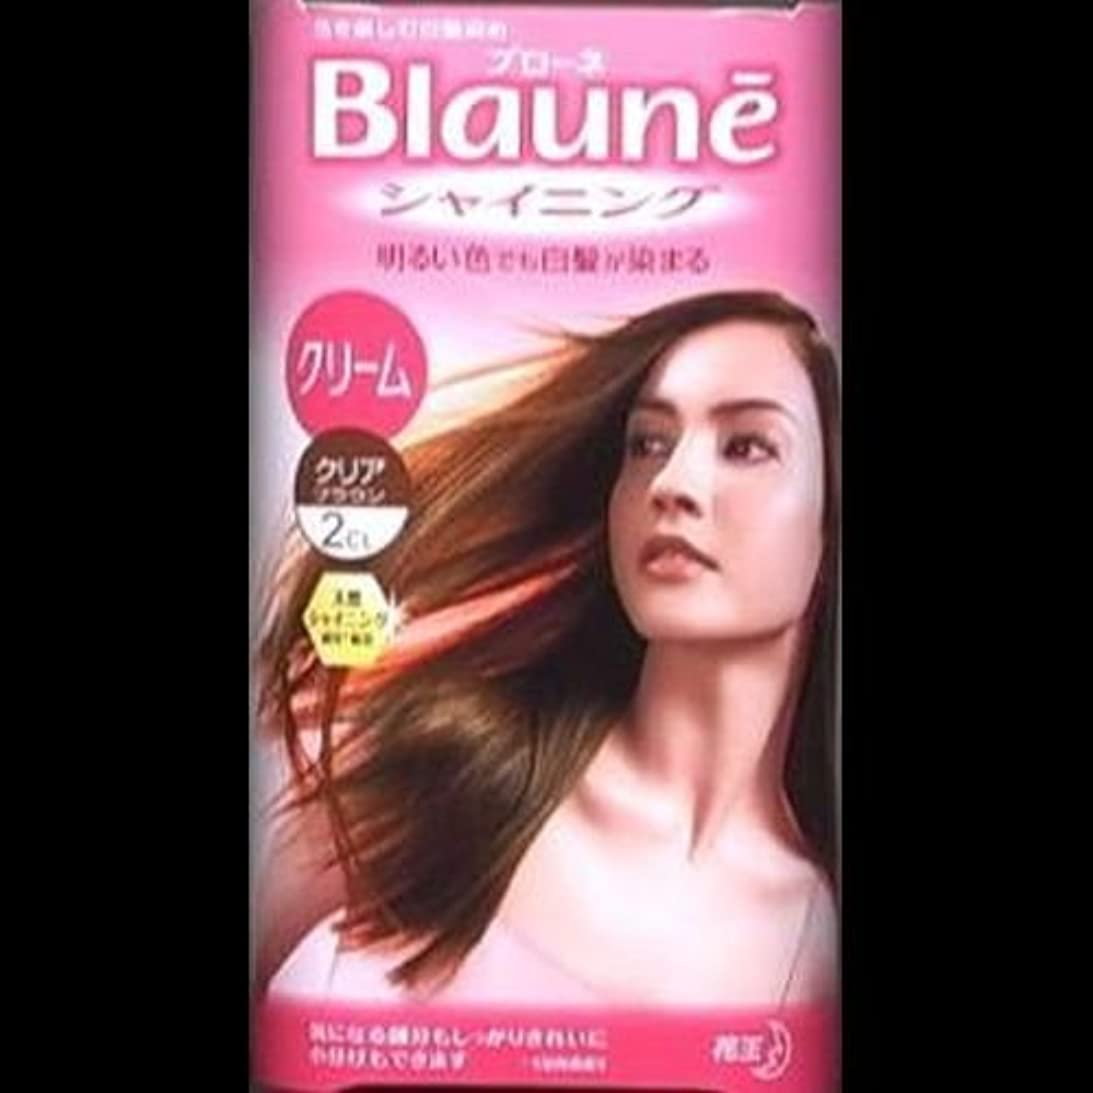 アレルギーアレルギー戸棚【まとめ買い】ブローネシャイニングヘアカラークリーム 2CL クリアブラウン ×2セット